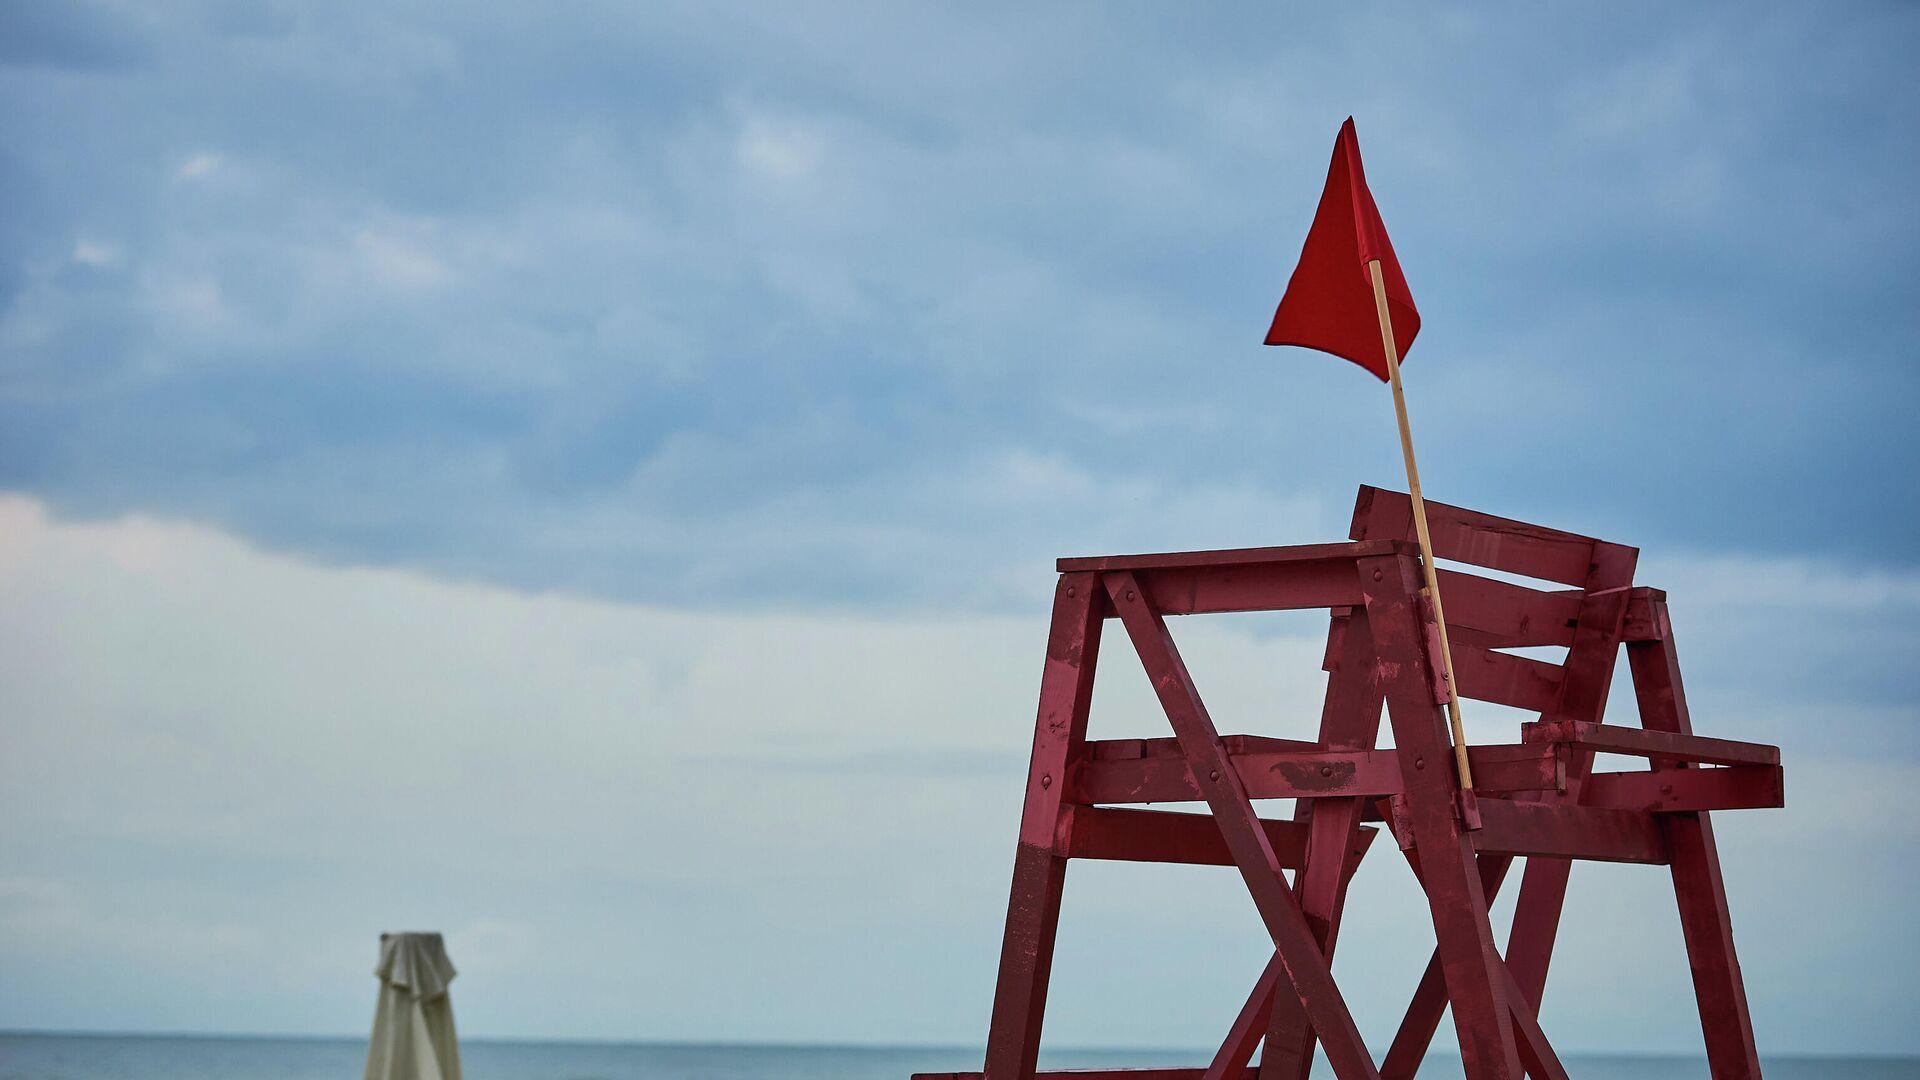 Красный флаг - купаться запрещено. Штормовое предупреждение на Черном море - Sputnik Грузия, 1920, 06.10.2021